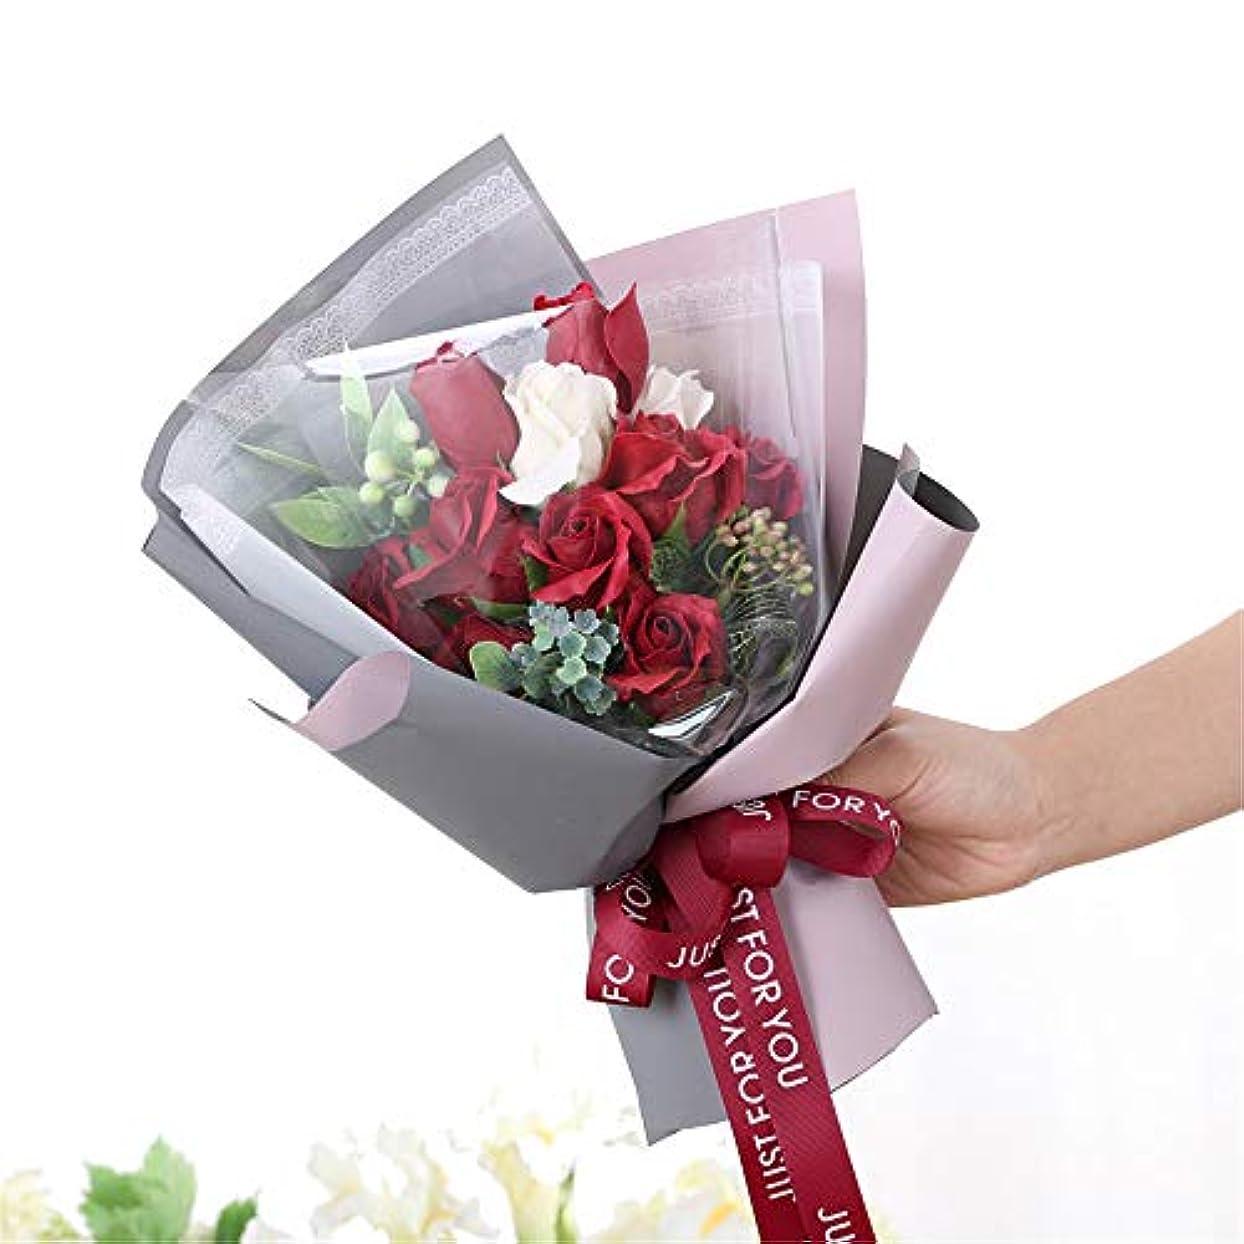 苦しめる嵐シンク手作りのバラ石鹸フラワーブーケのギフトボックス、女性のためのギフトバレンタインデー、母の日、結婚式、クリスマス、誕生日を愛した女の子 (色 : 赤)